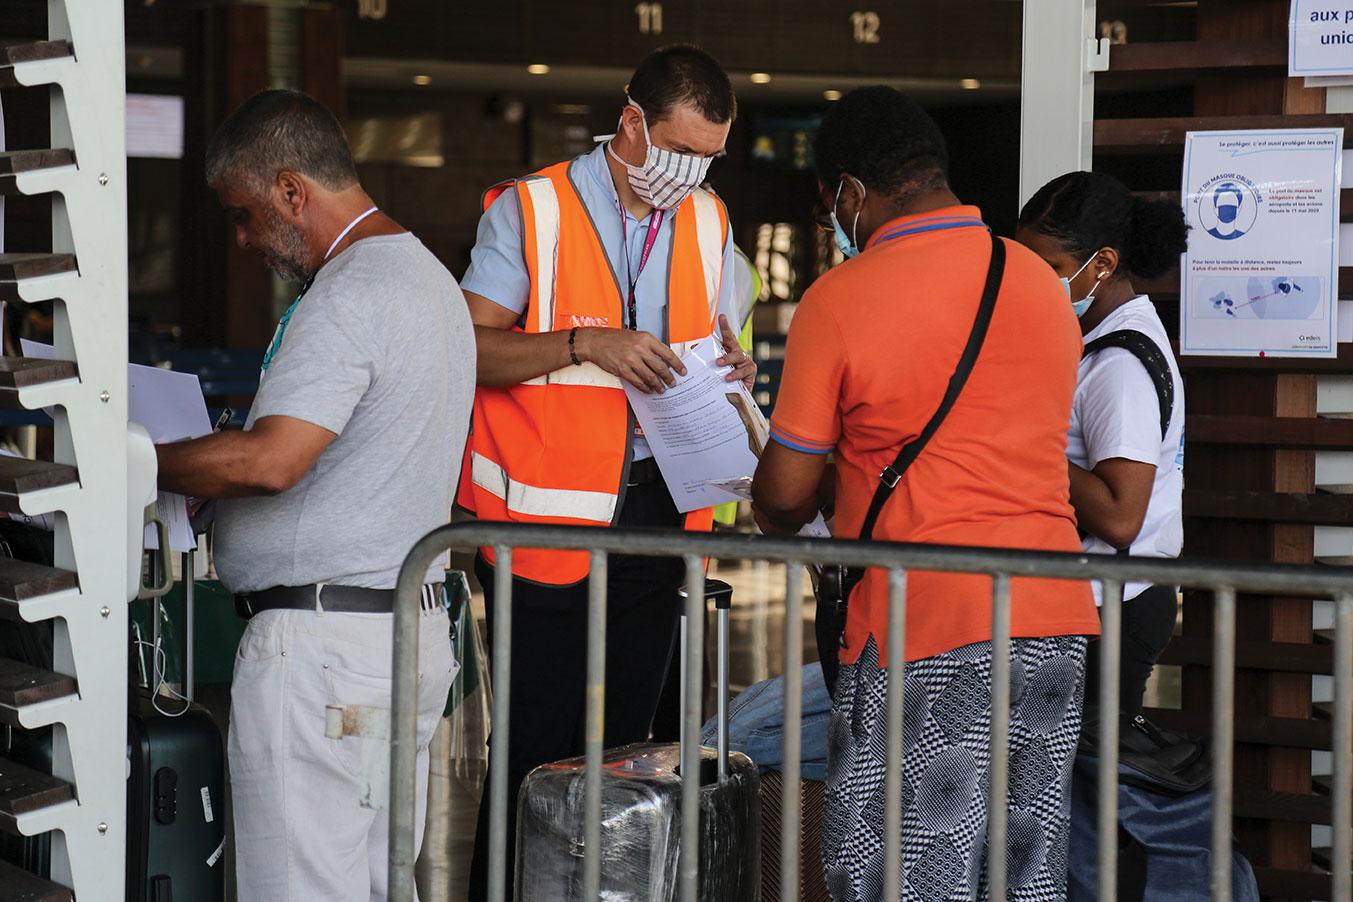 Mayotte exige des tests PCR pour se protéger de la variante sud-africaine du Covid-19